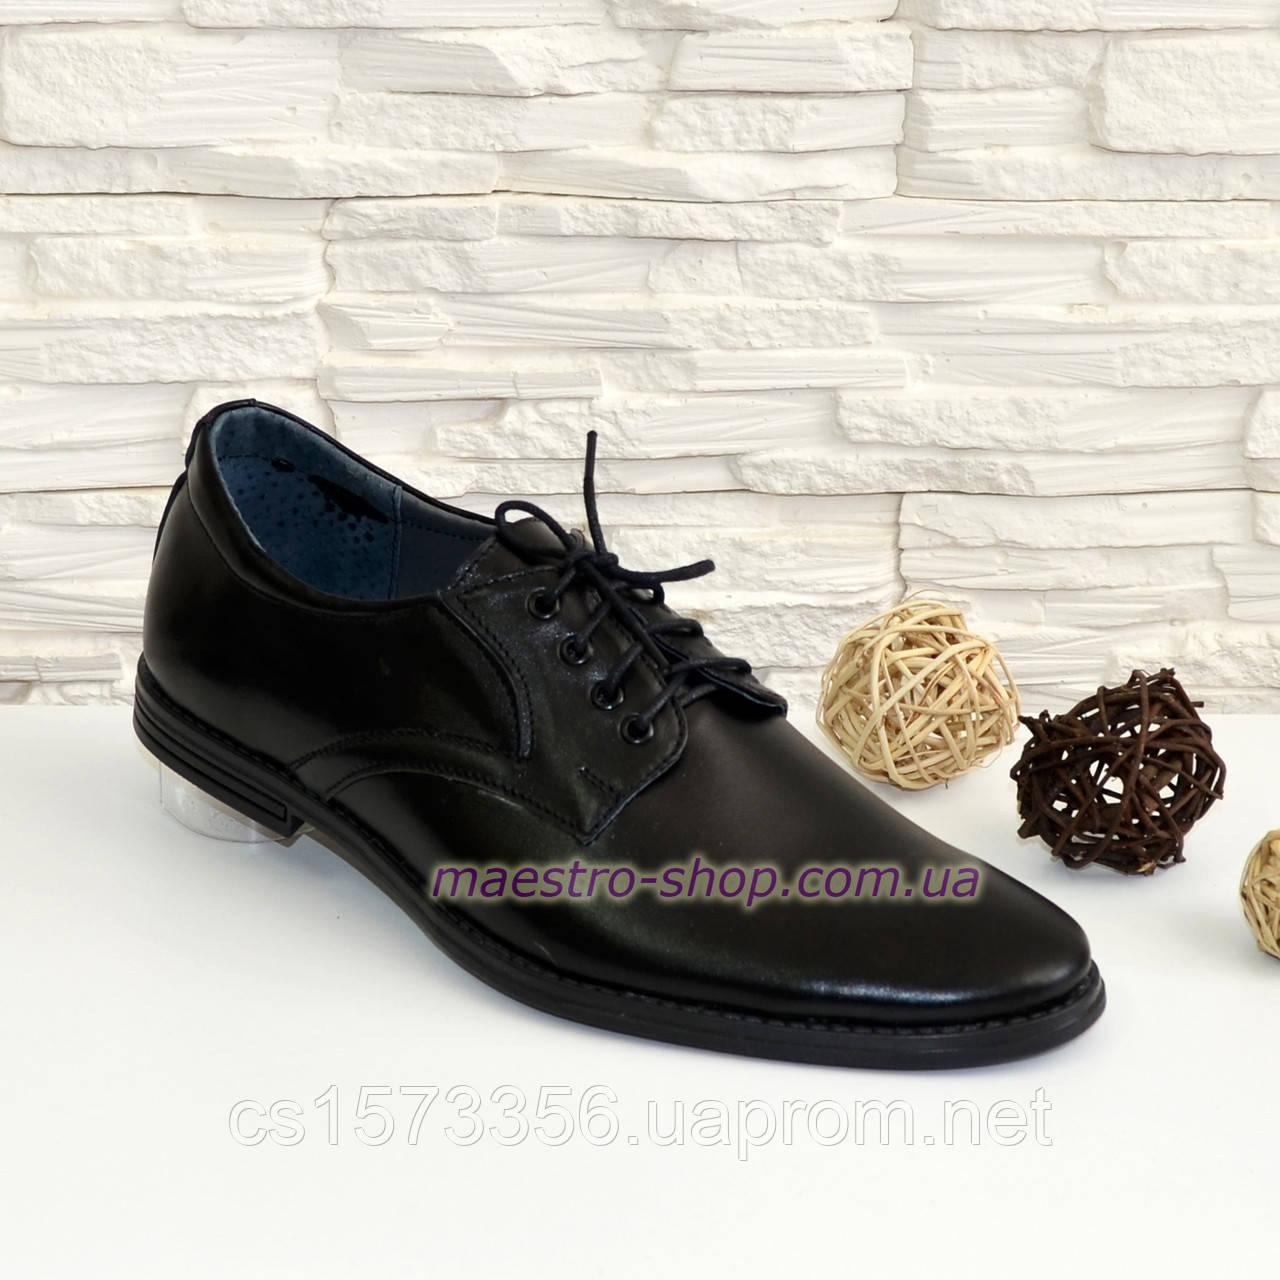 Мужские классические туфли от производителя кожаные и замшевые на ... a158d453d0e